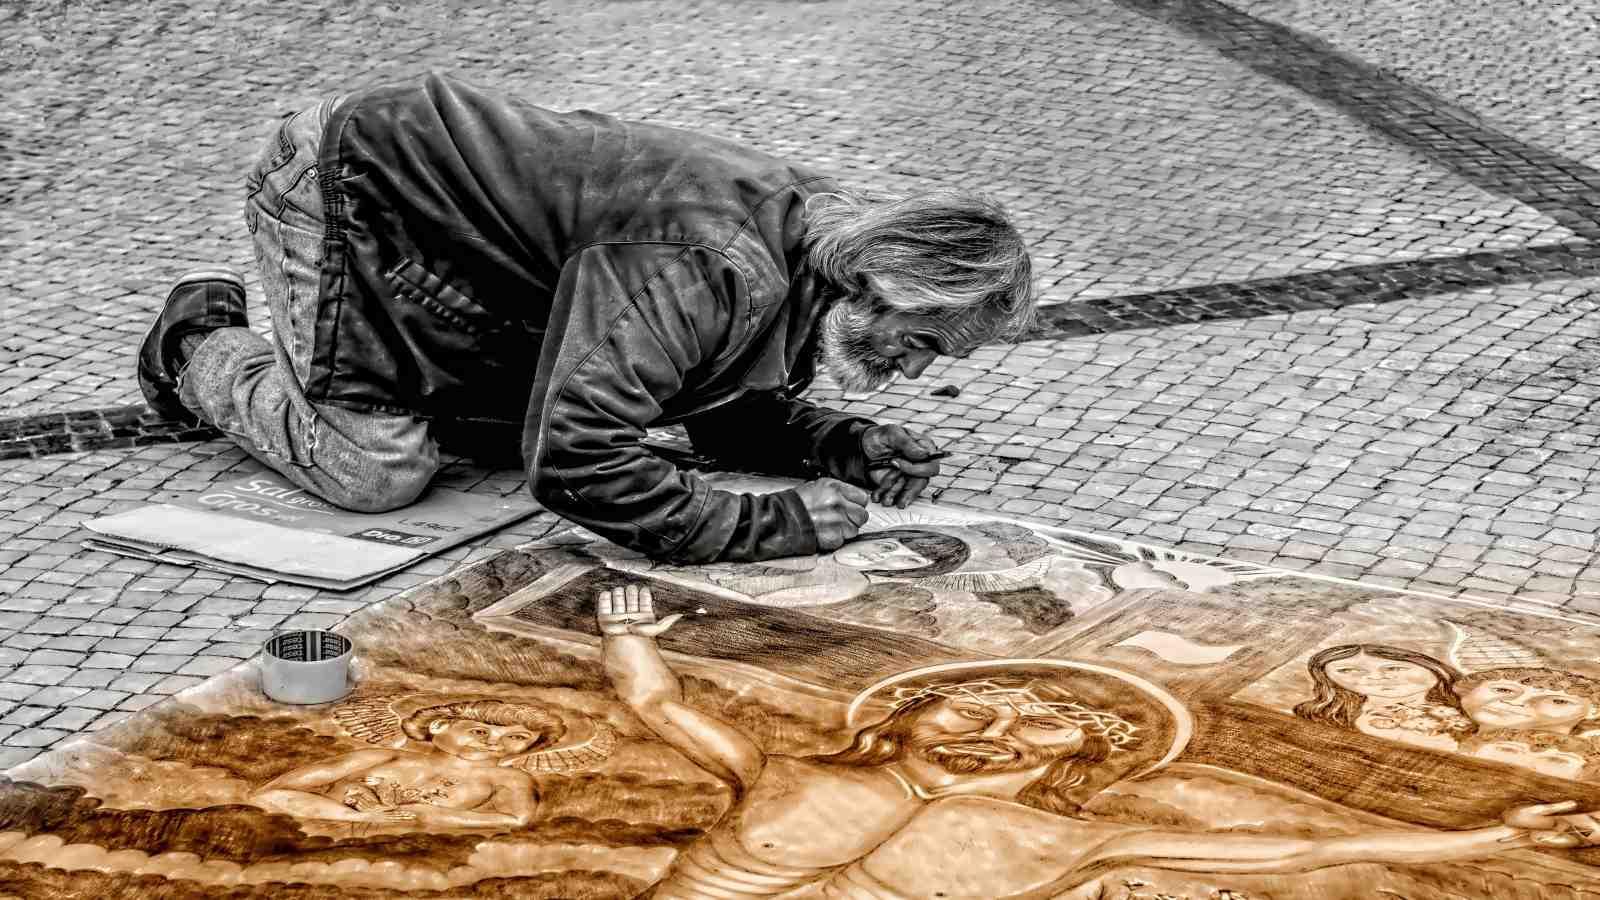 graffiti artist finishing mural on pavement